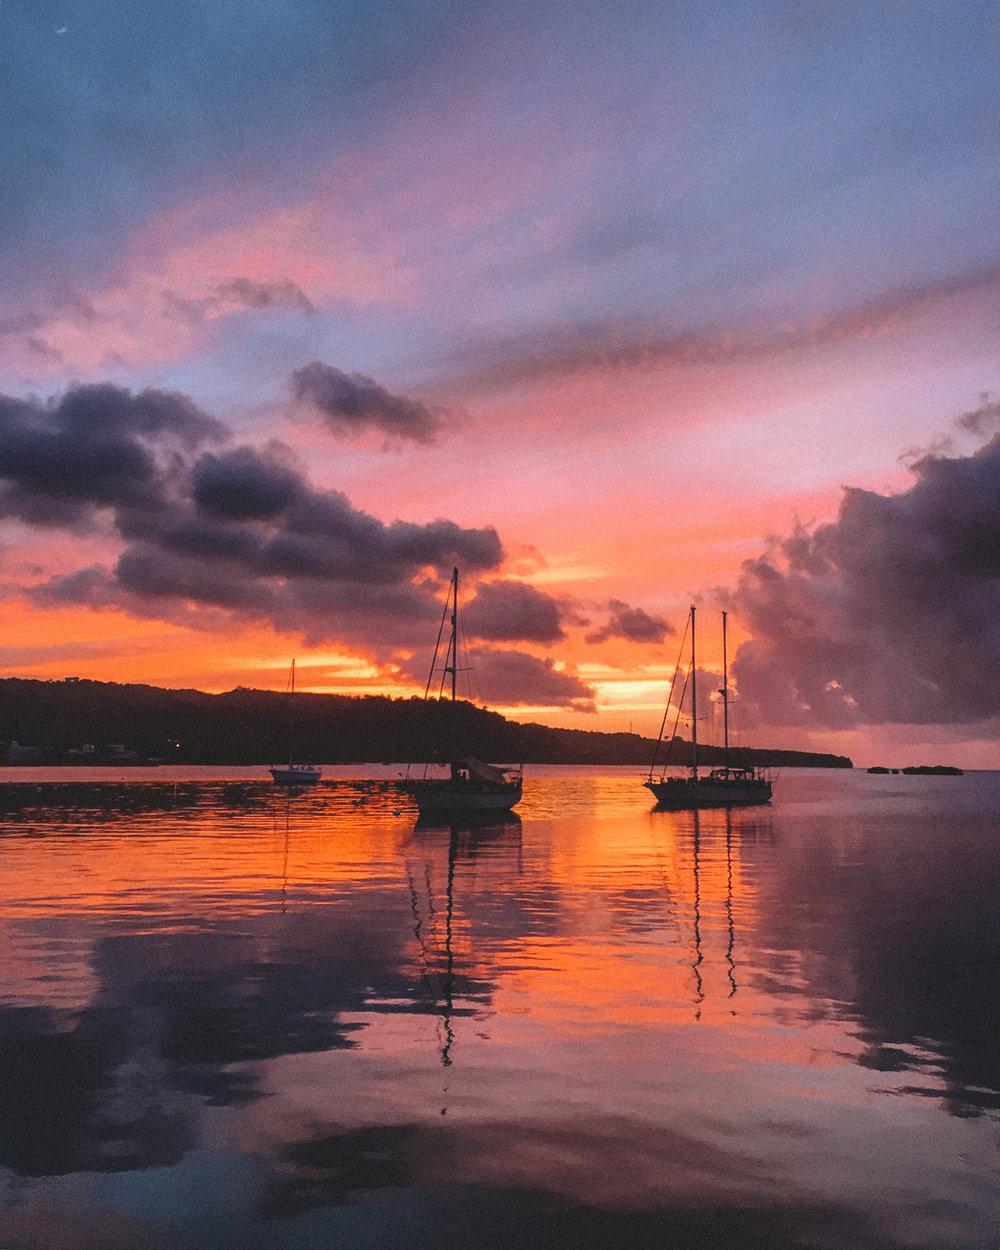 A stunning sunset in Port Antonio.